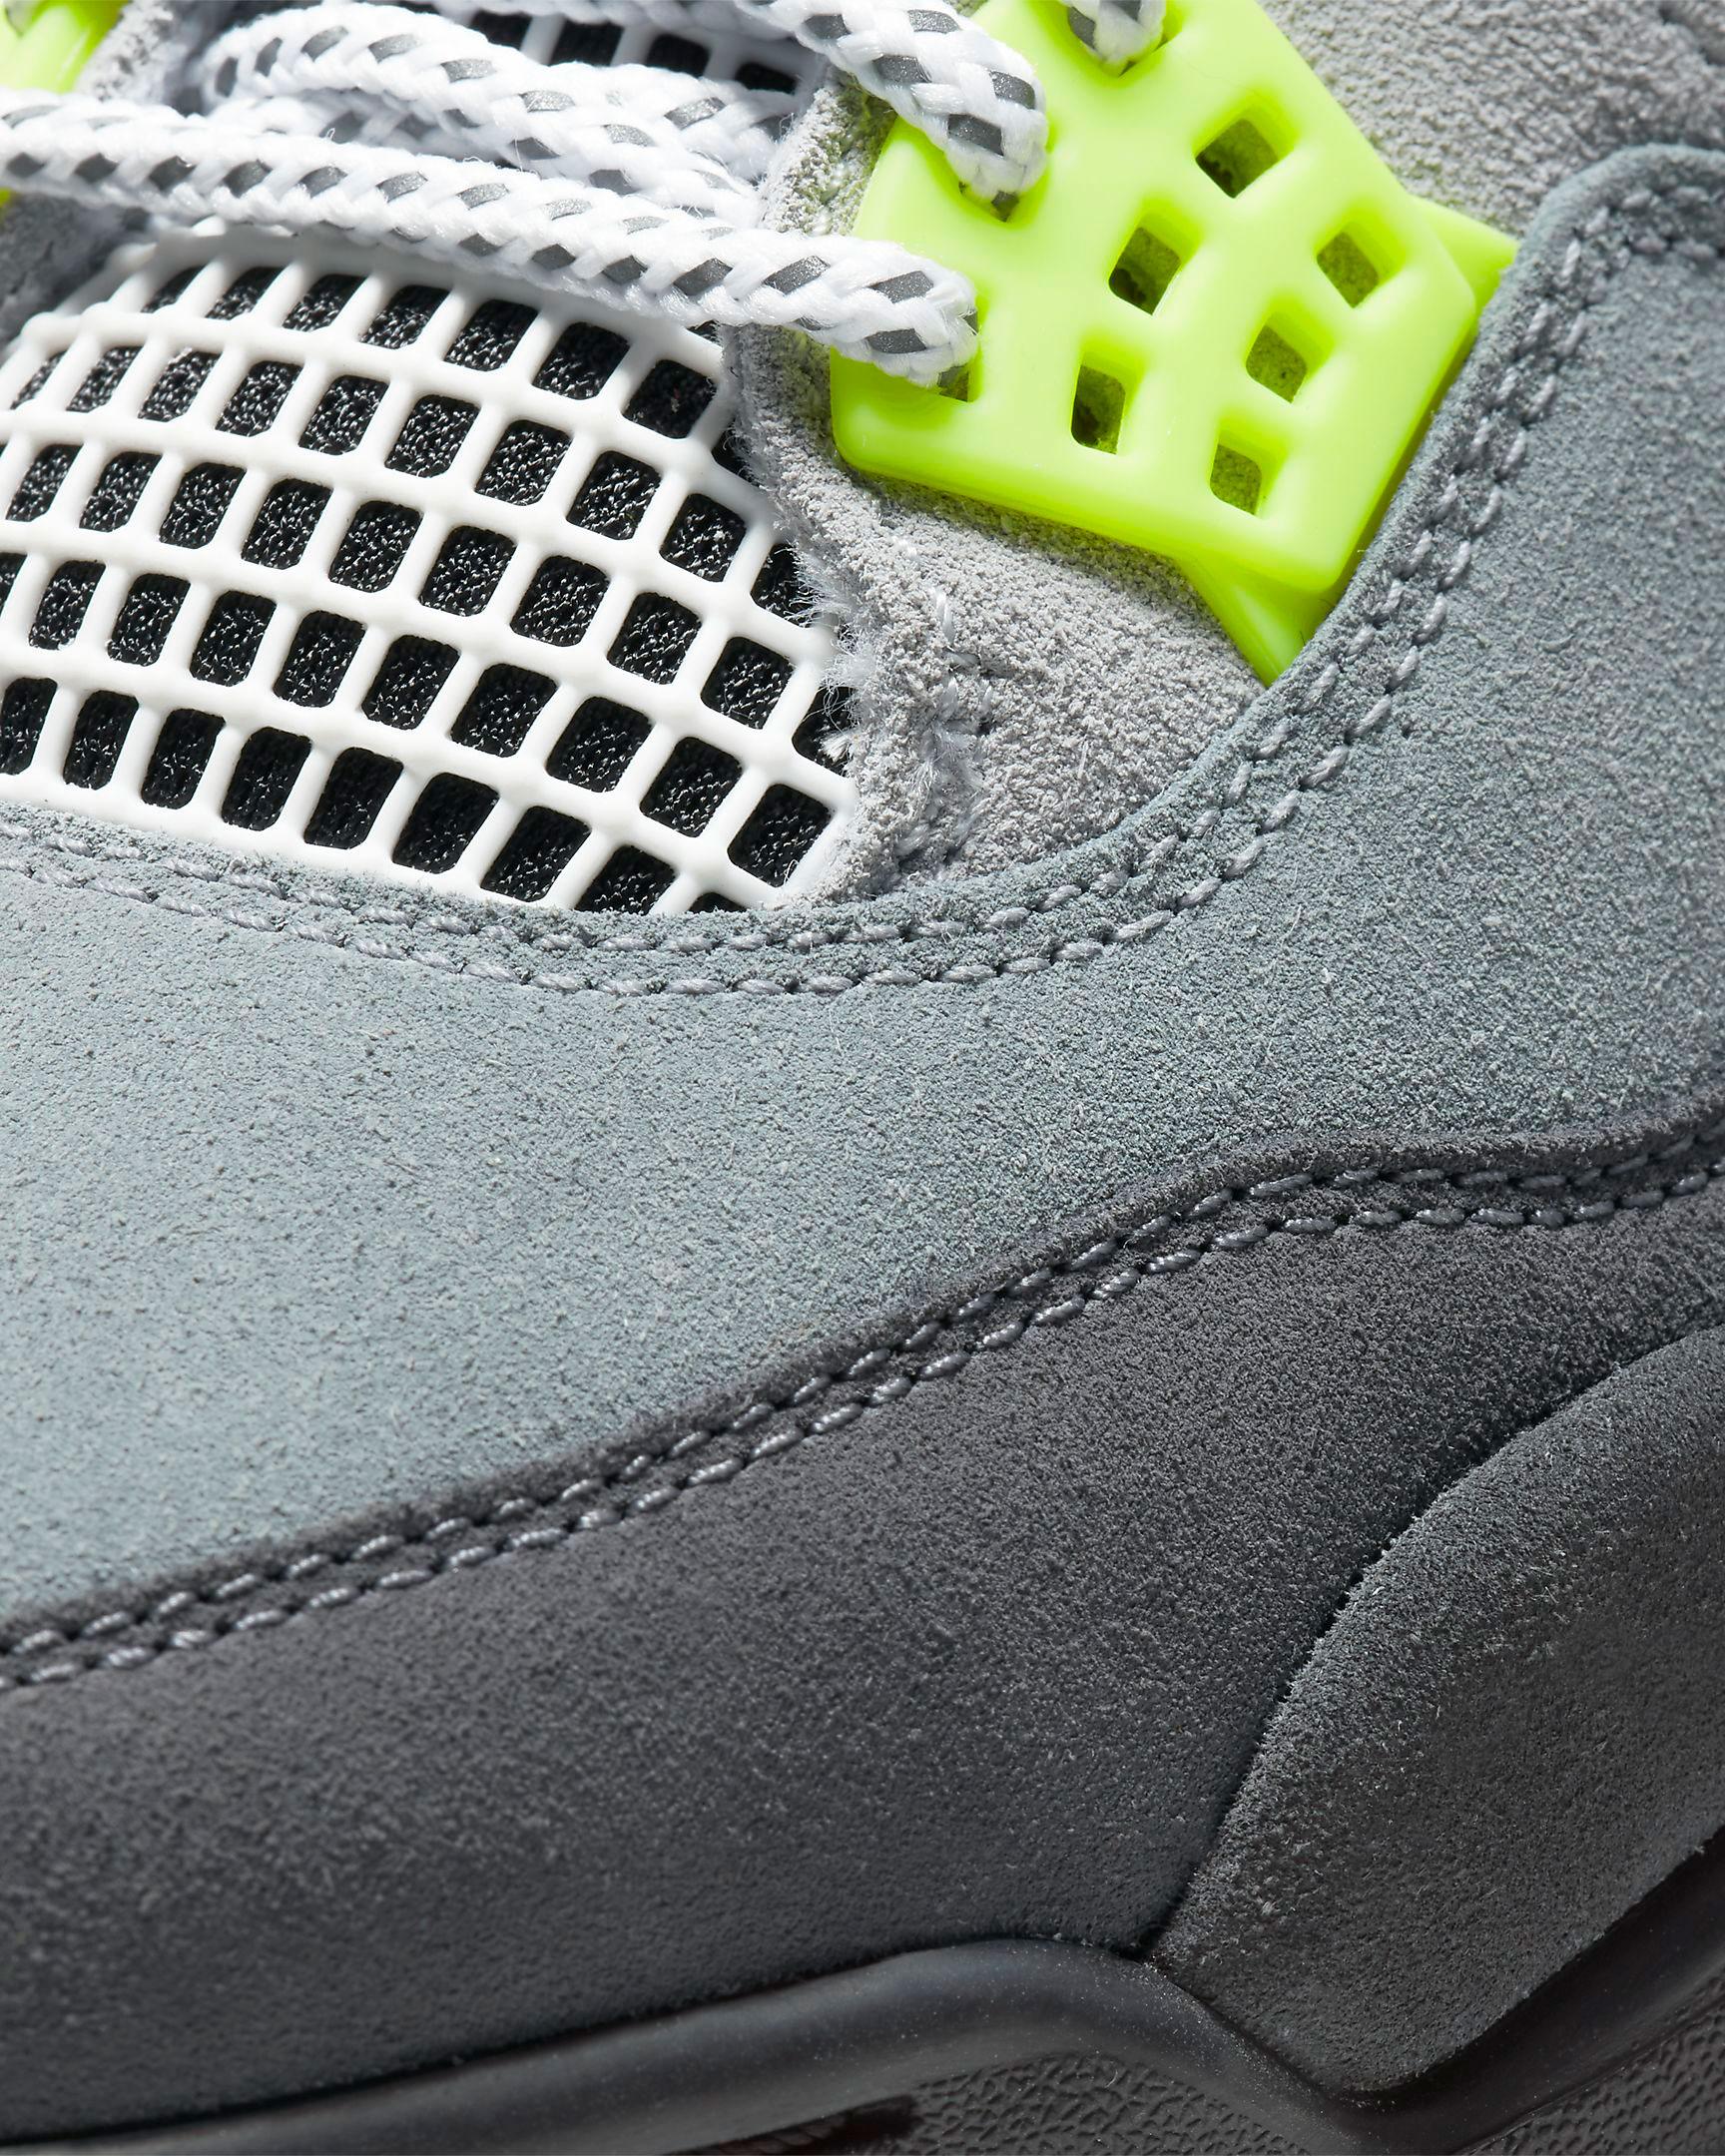 air-jordan-4-neon-release-date-price-7